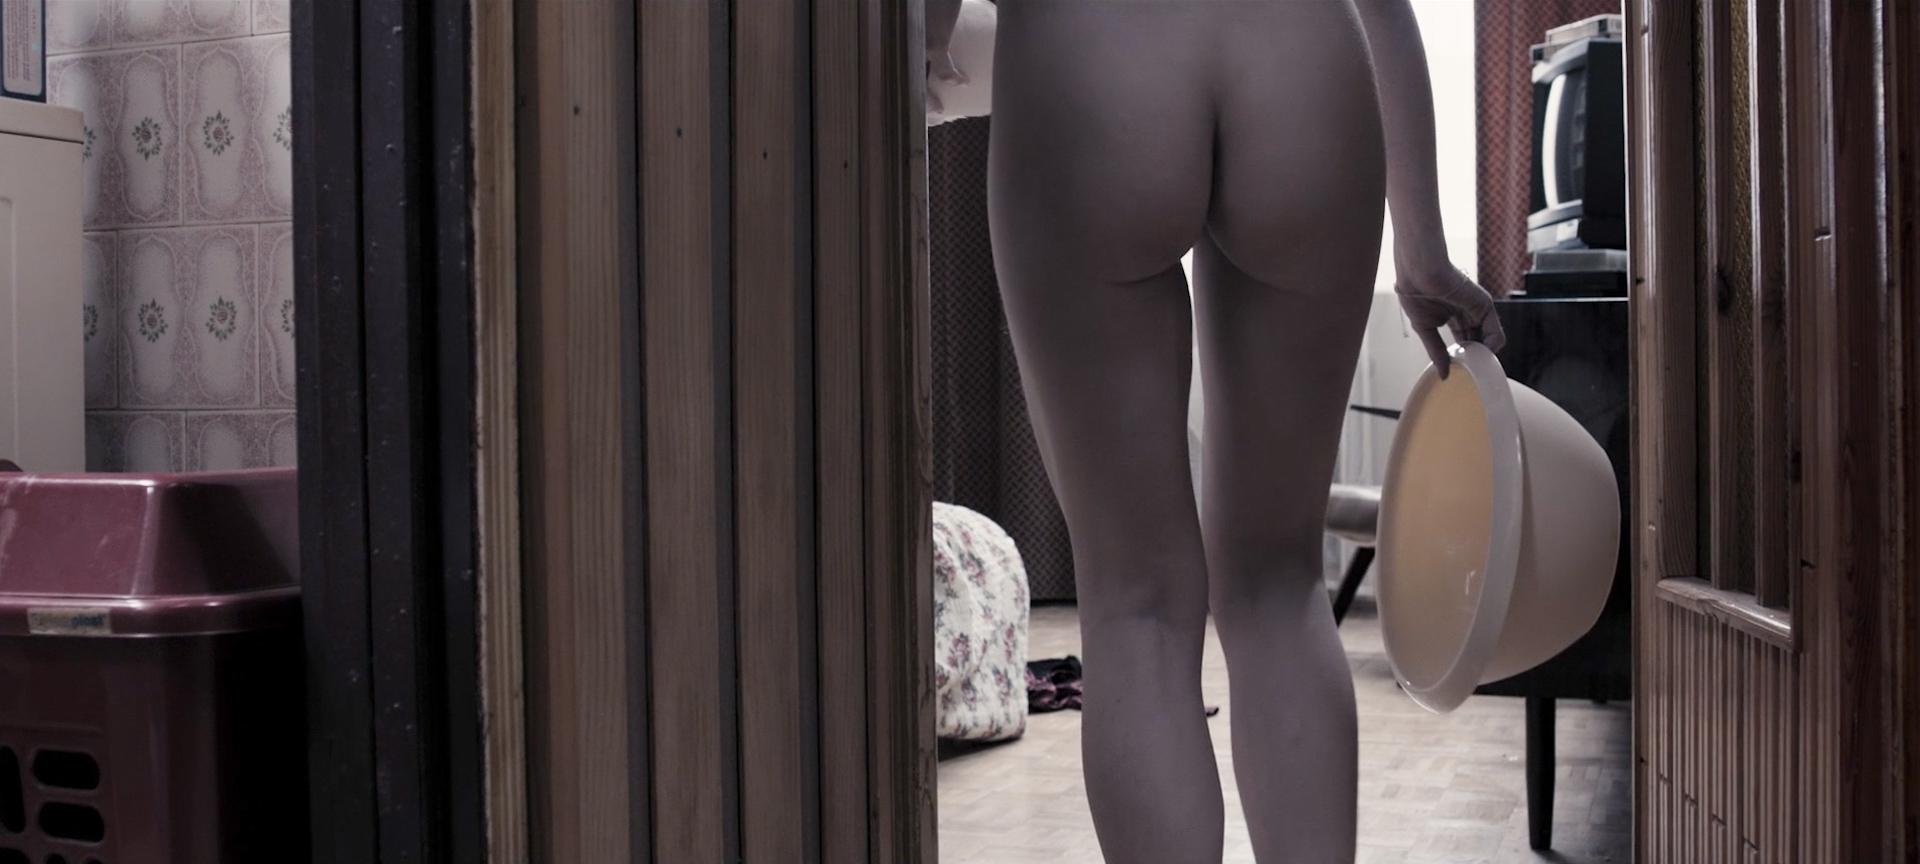 Julia Kijowska nude bush and sex and Marta Nieradkiewicz nude full frontal - Zjednoczone stany milosci (PL-2016) HD 1080p BluRay (4)